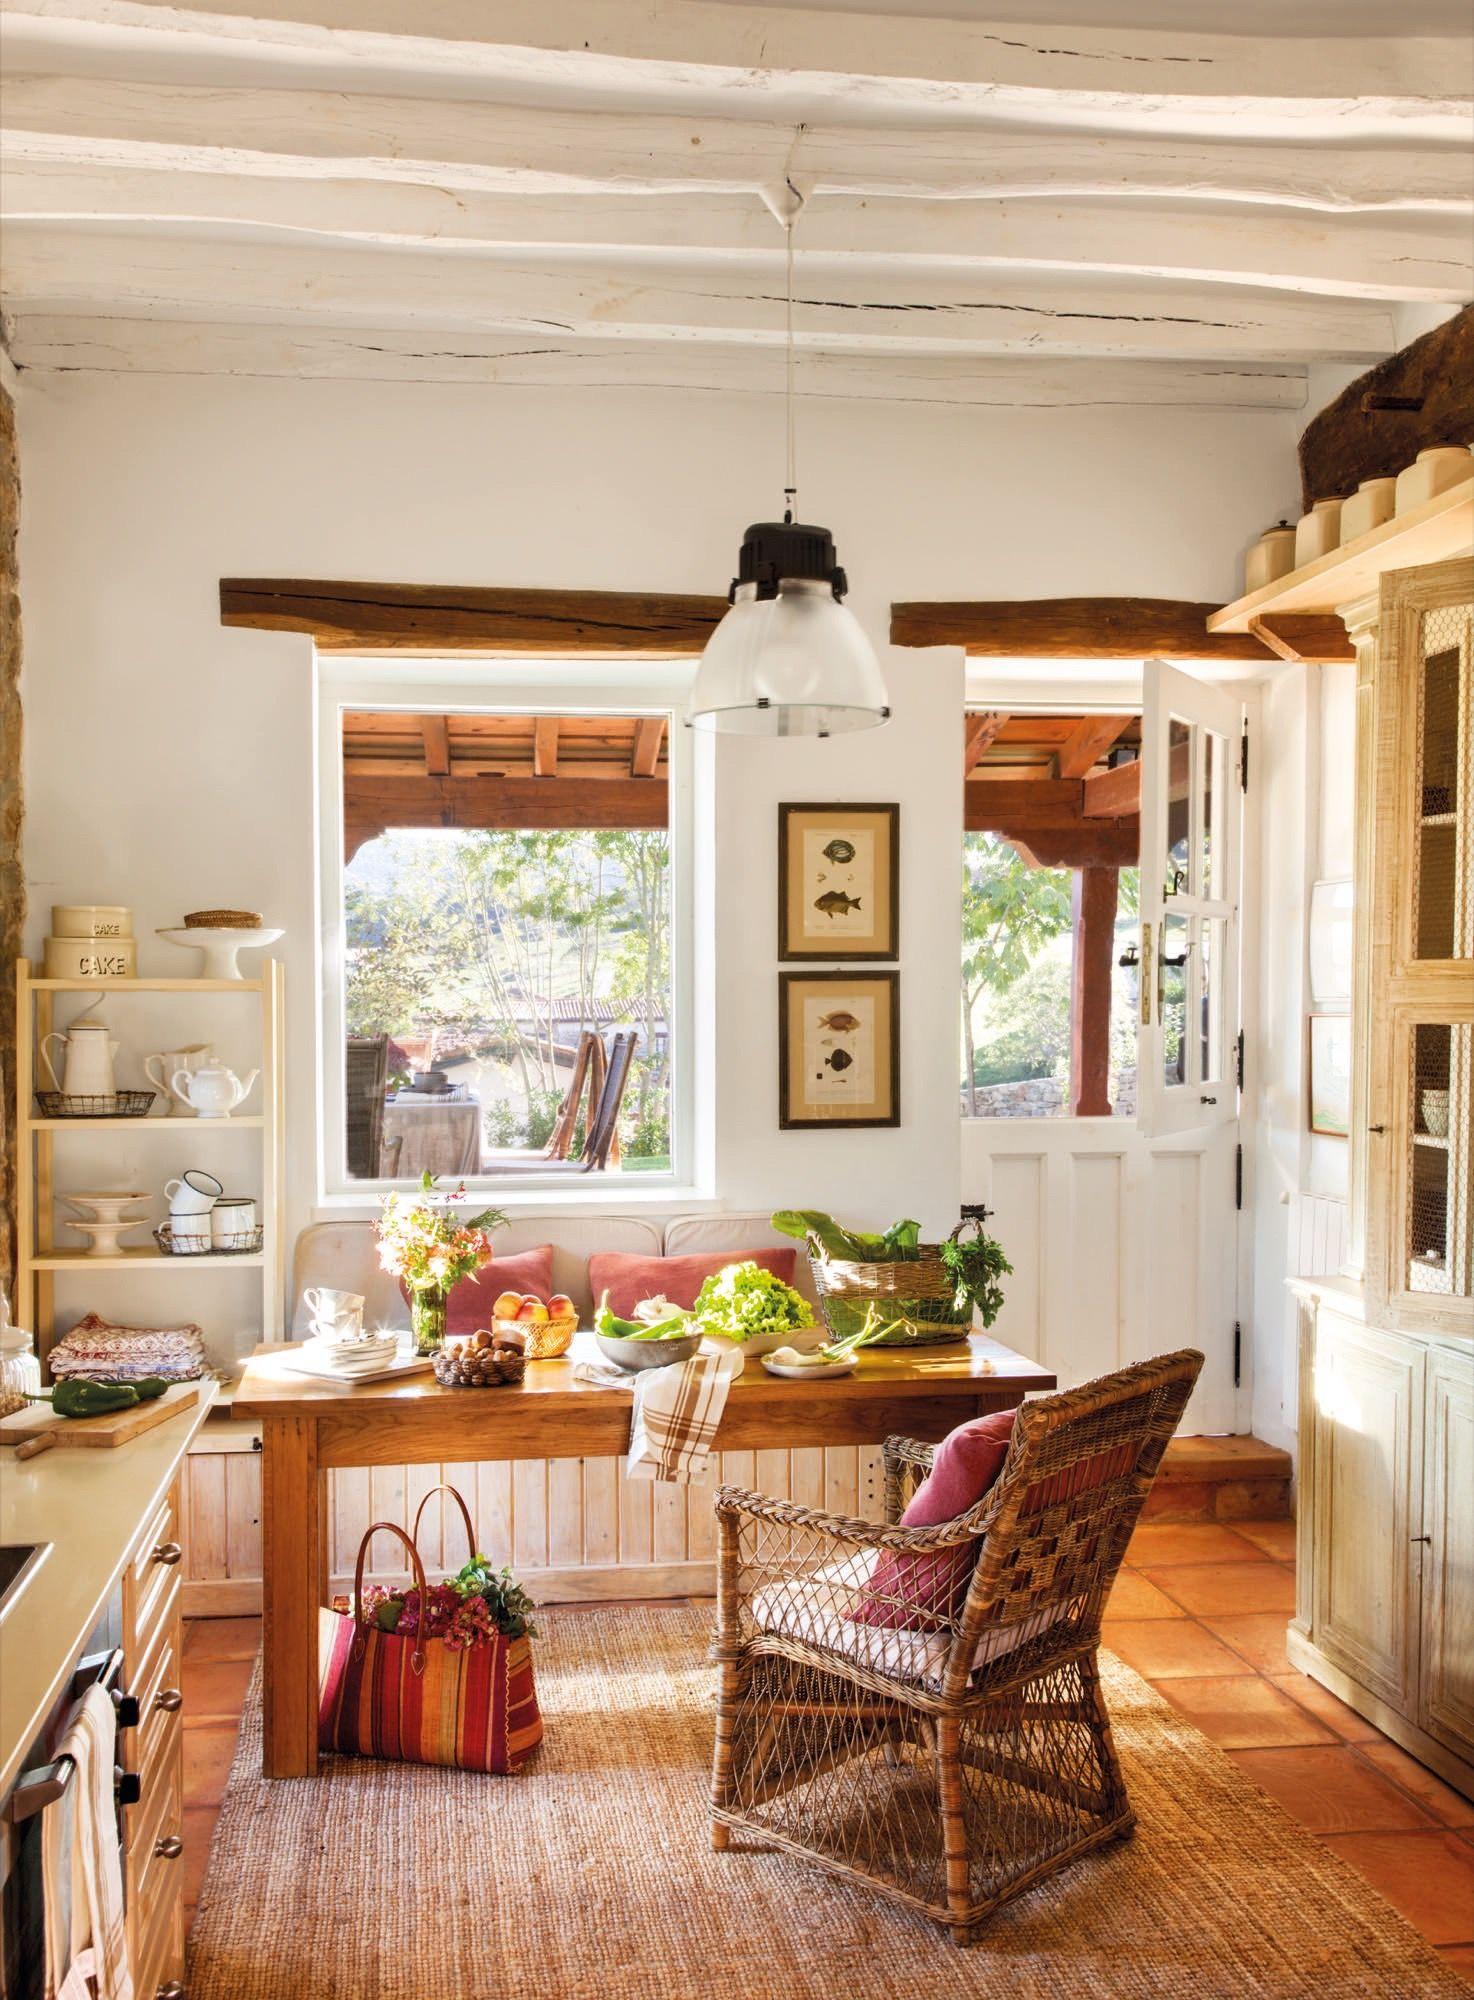 Cocinas pequeñas con comedor estilo rustico